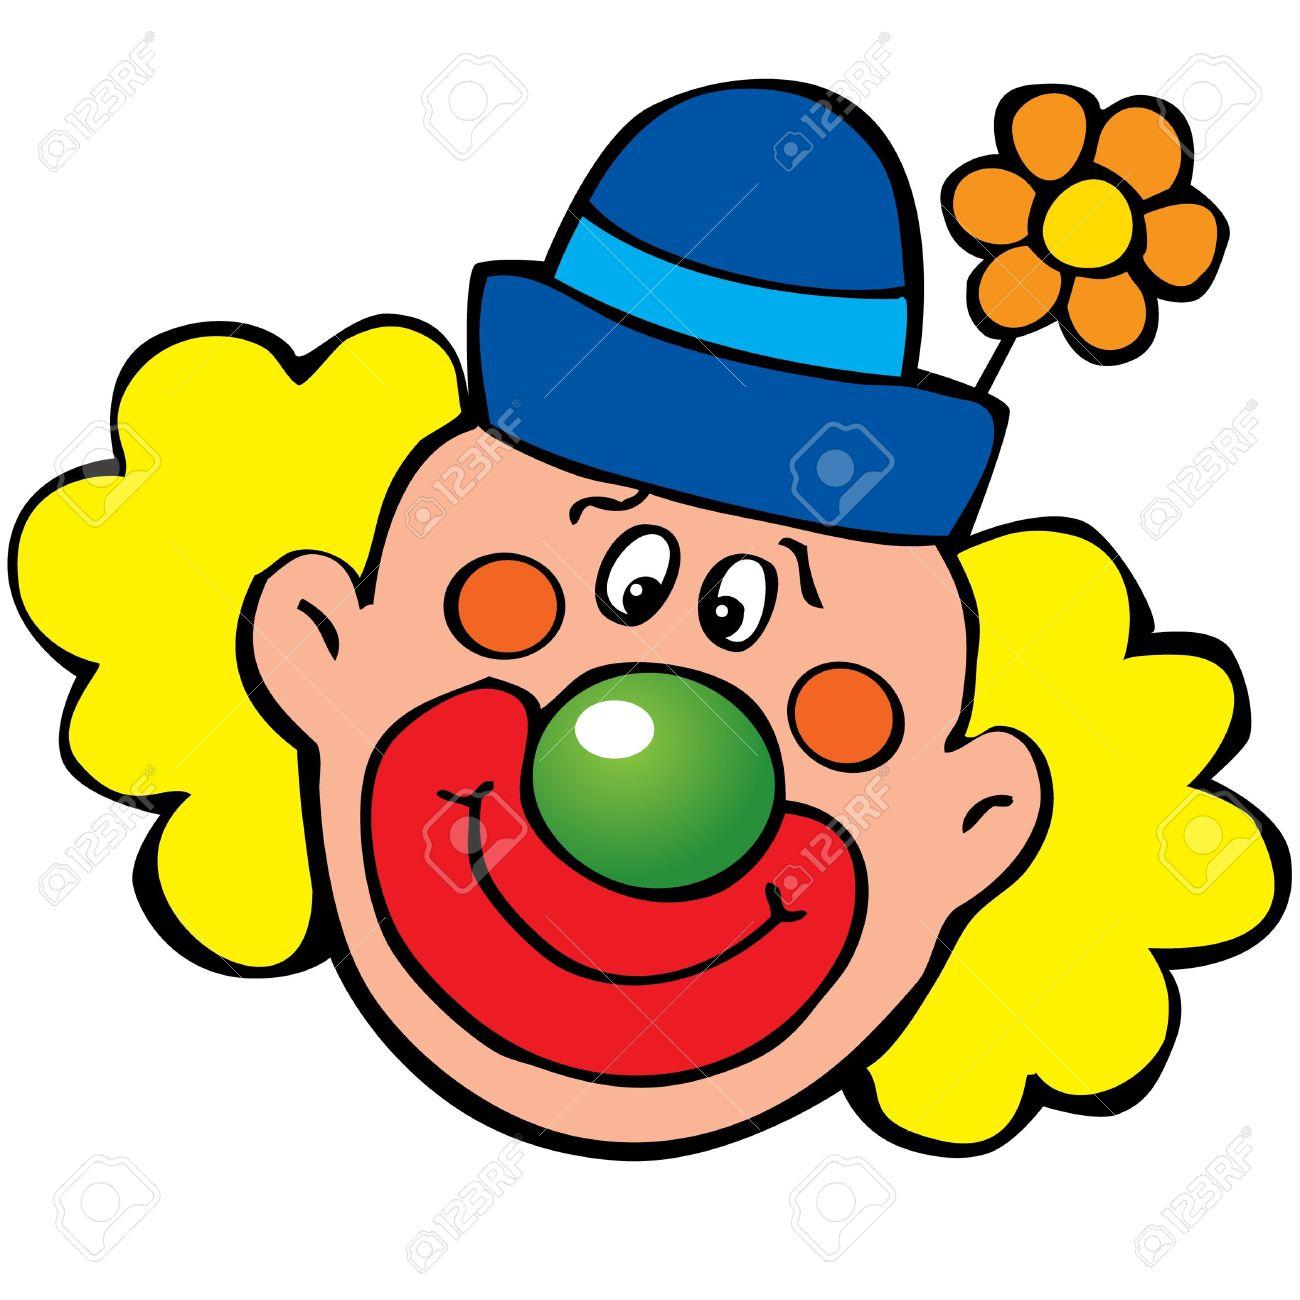 Clown kopf clipart clip library library Clown kopf clipart - ClipartFest clip library library